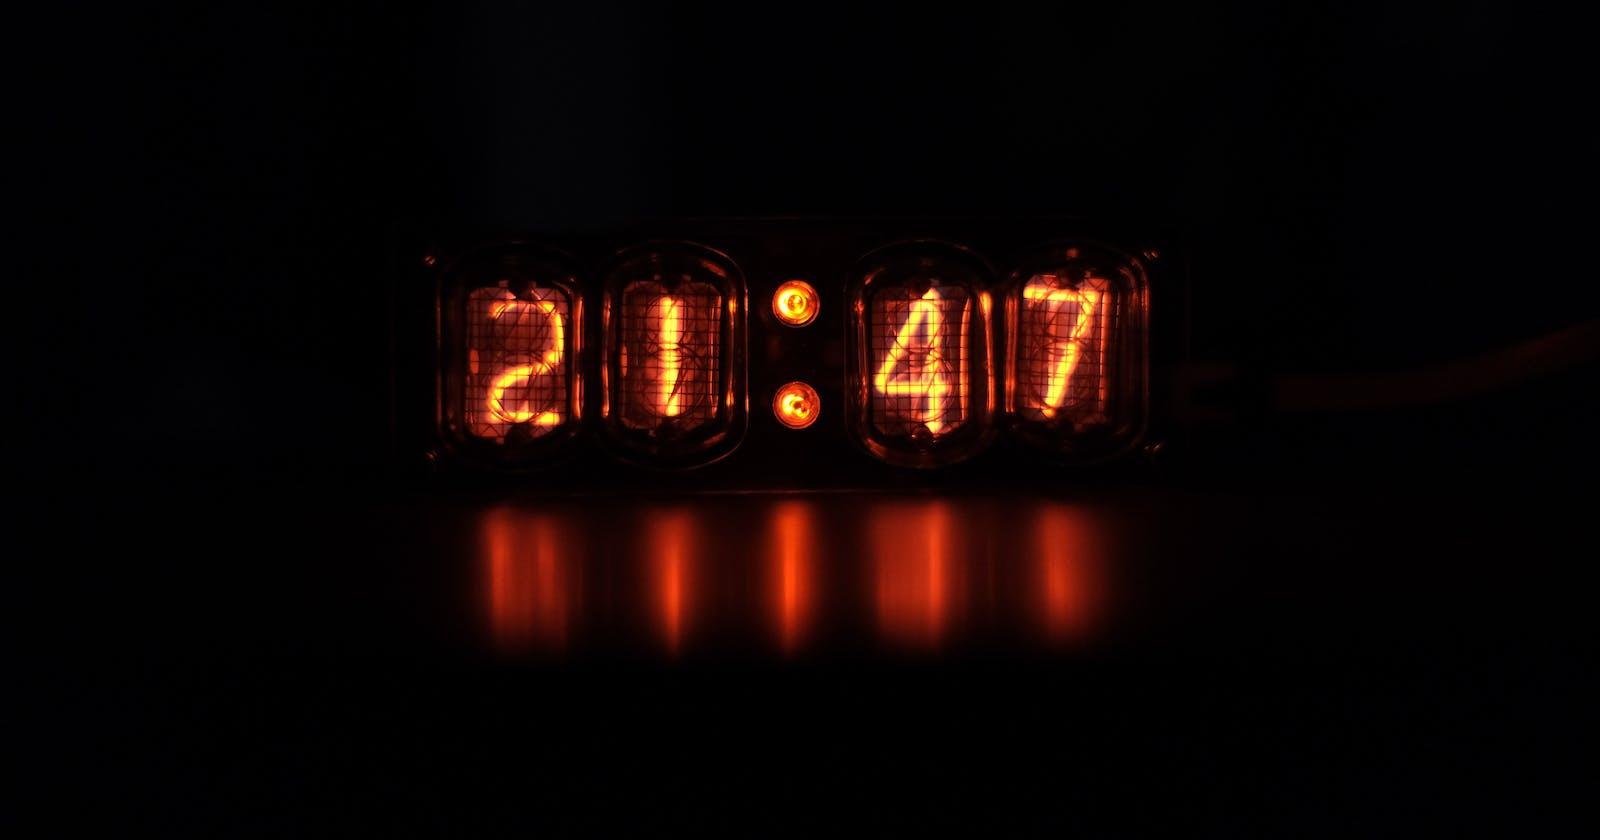 Show a digital clock in Tmux